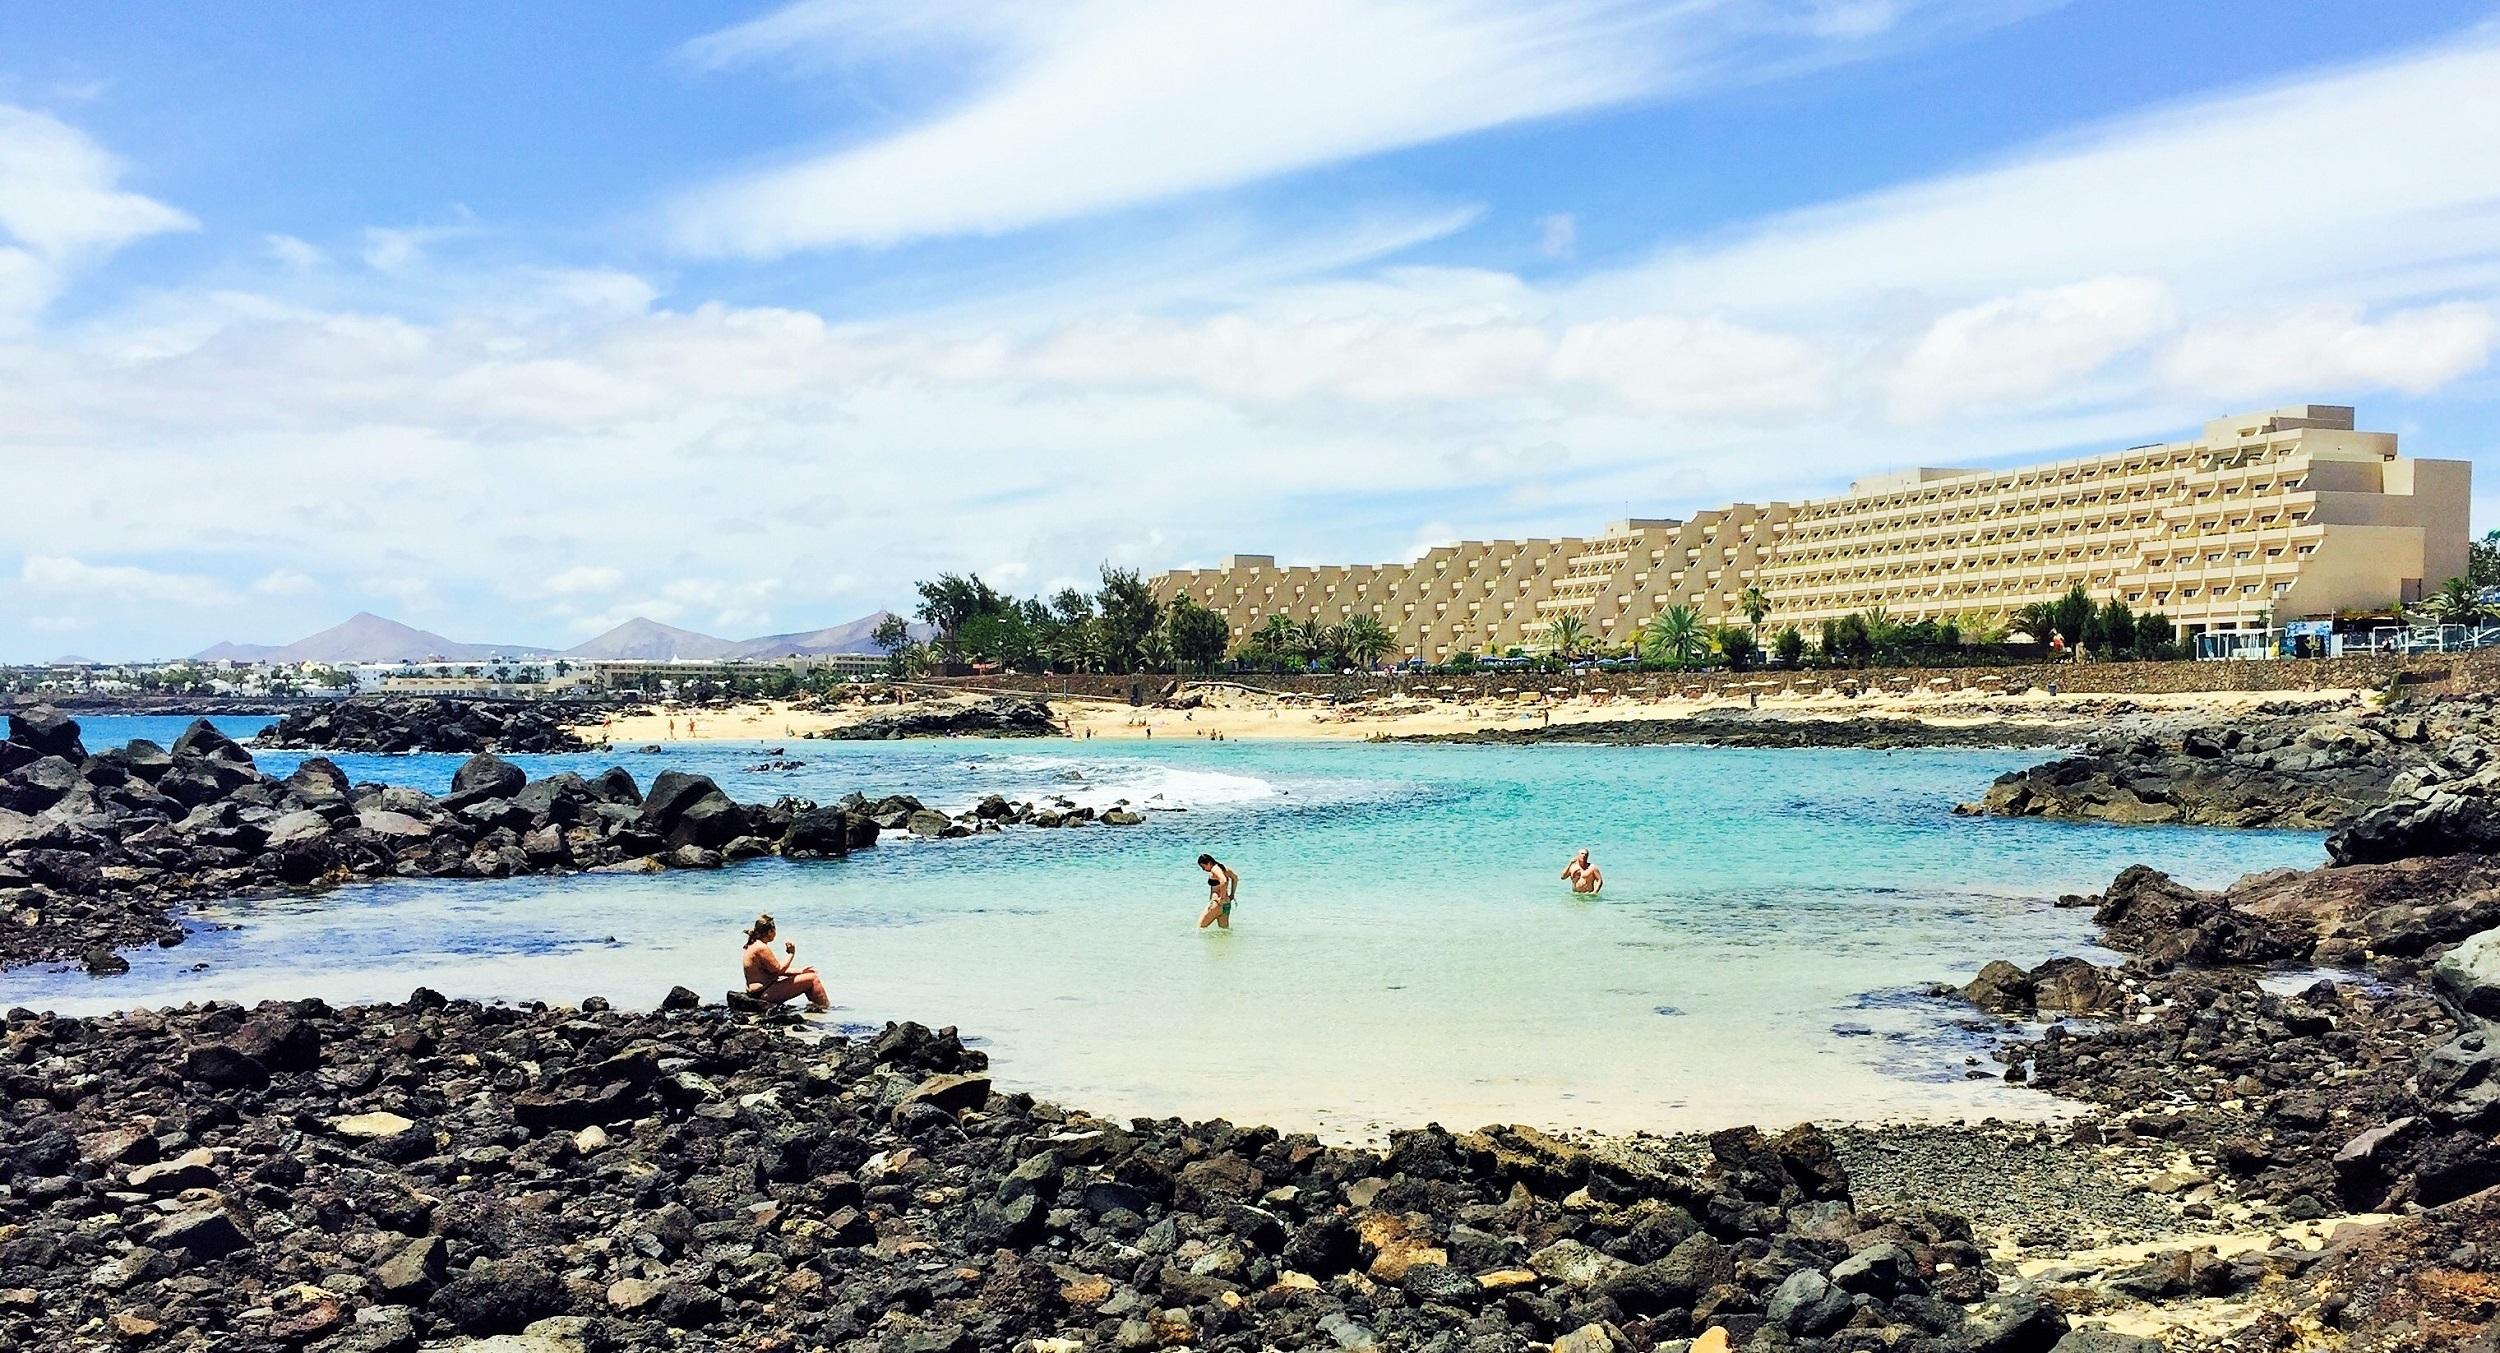 Playa de El Jablillo, Costa Teguise